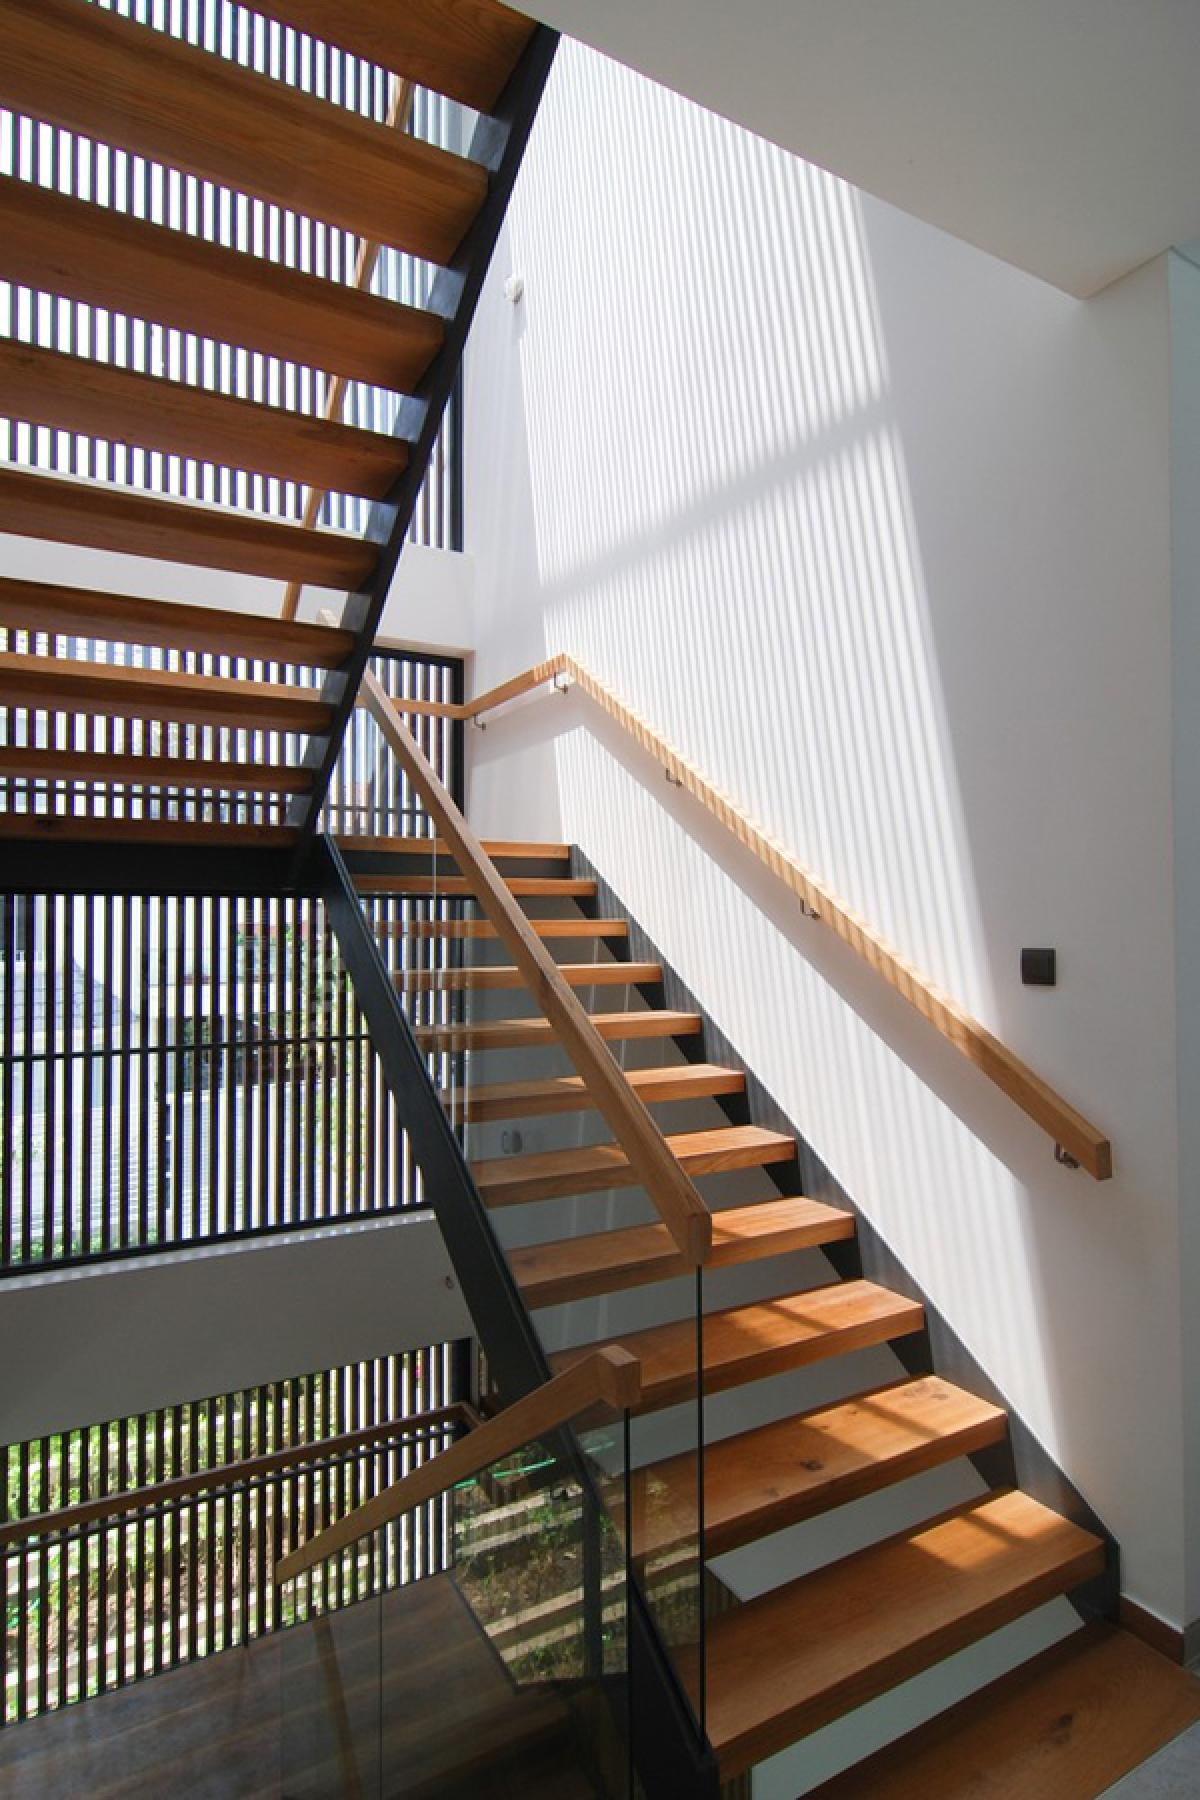 Cầu thang với kết cấu thép mặt gỗ cho cảm giác thông thoáng và sang trọng. Cầu thang cũng là một giếng trời đón nắng gió vào trong nhà.